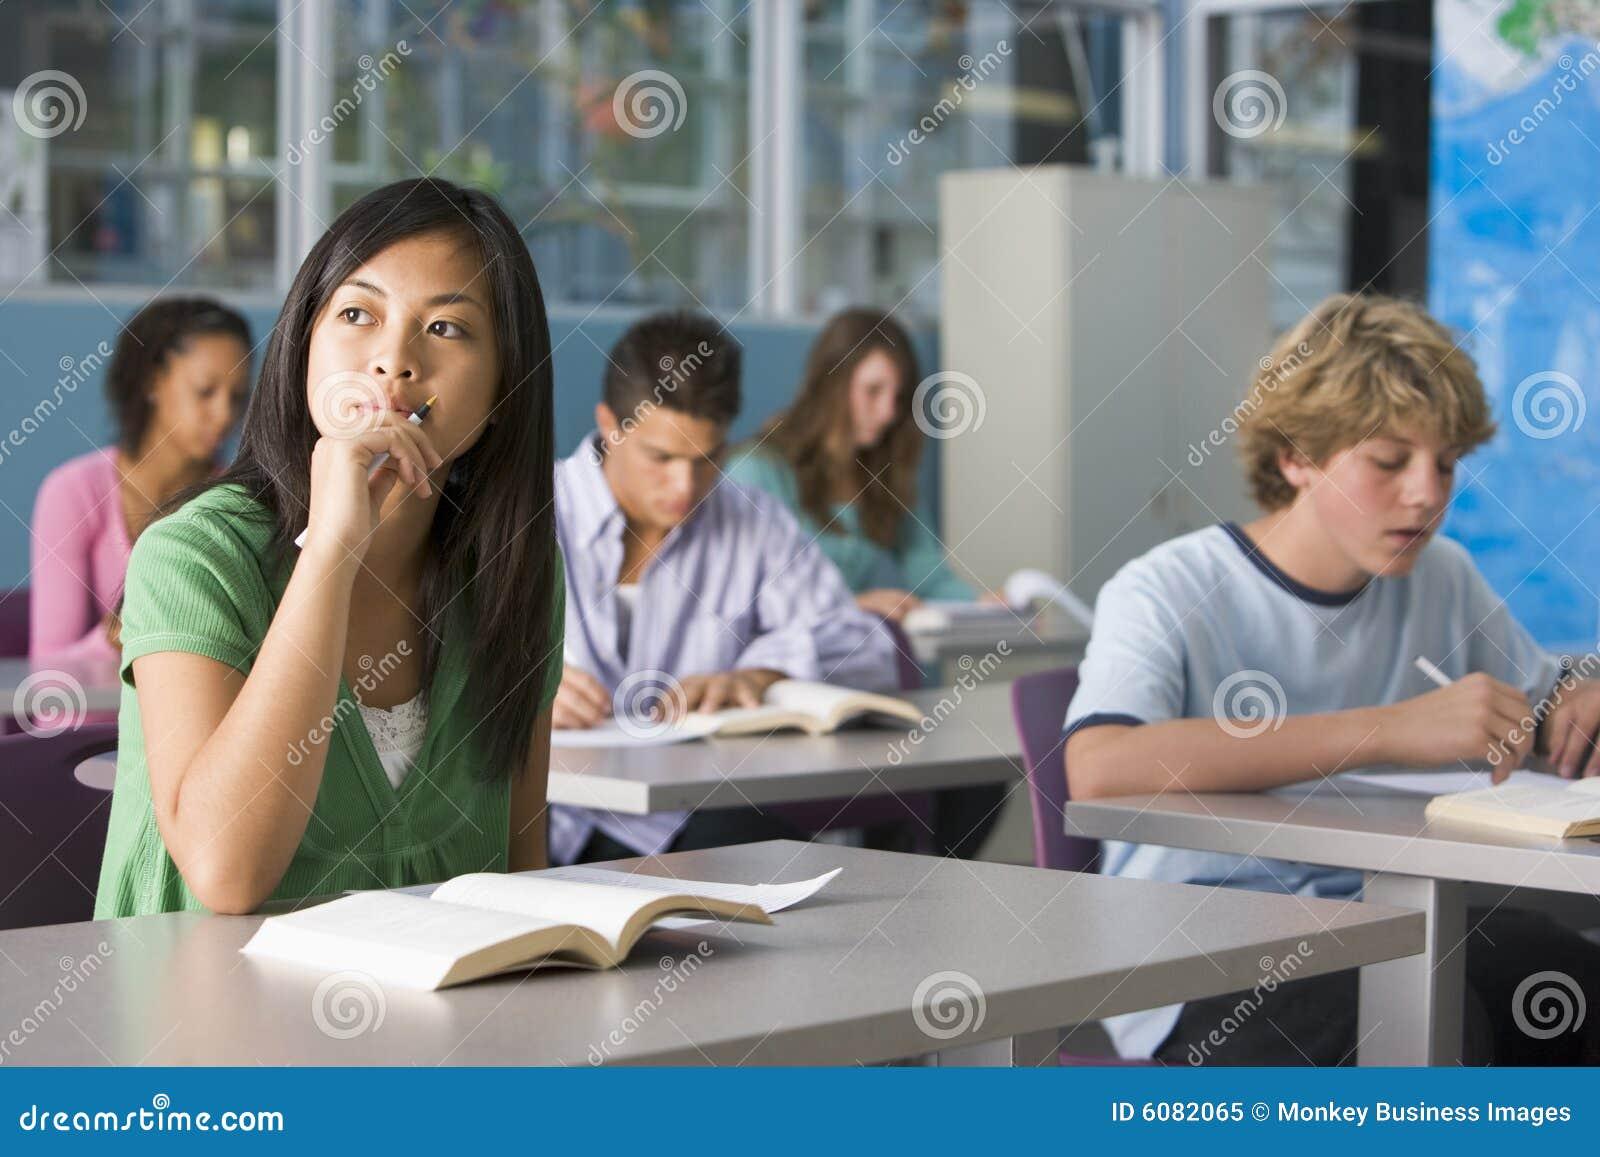 Фото девушек на уроке в школе 21 фотография